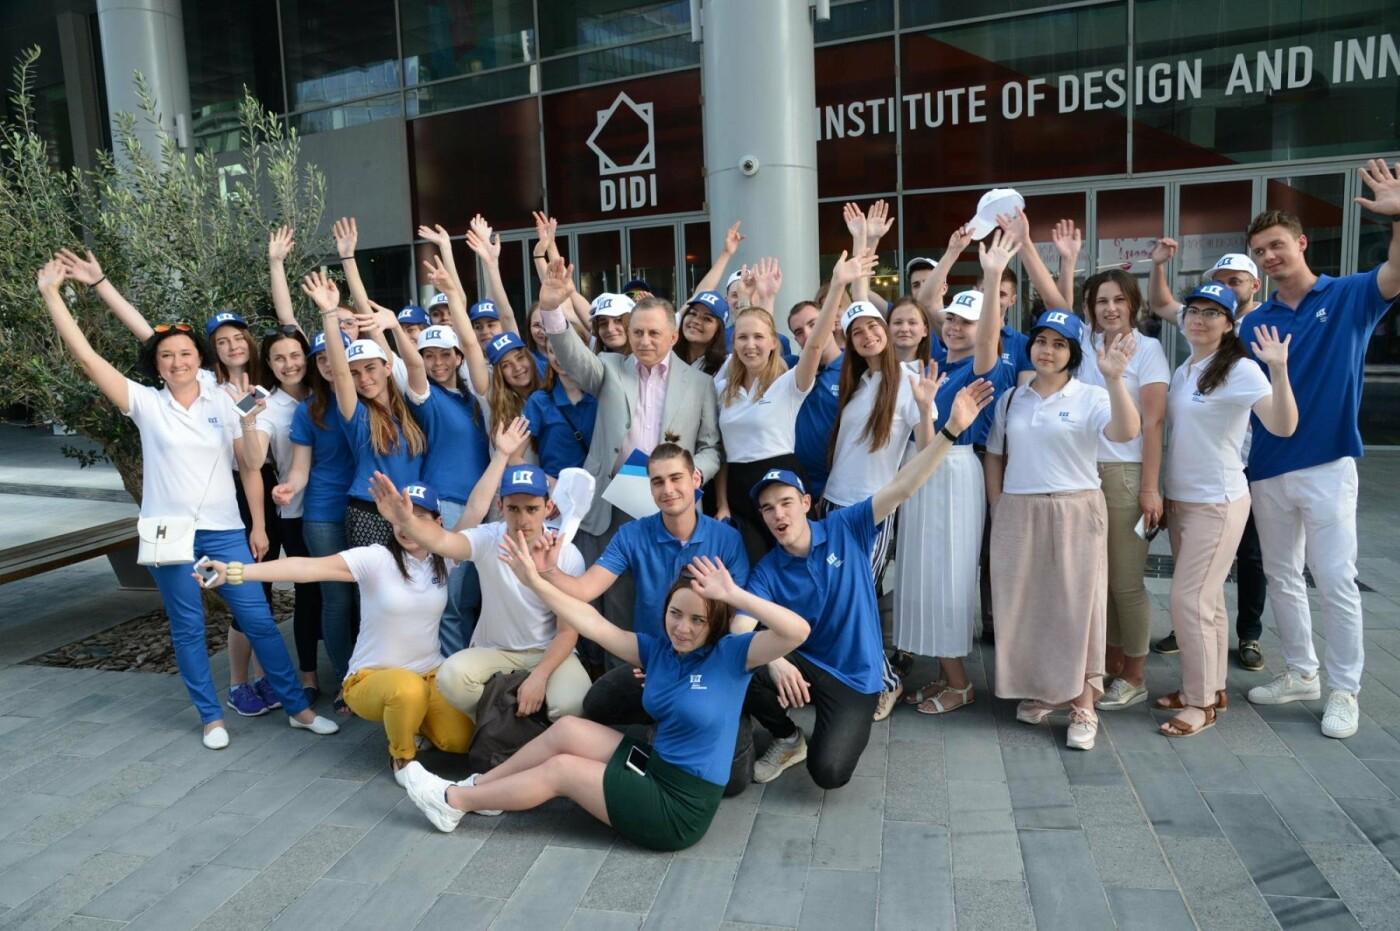 Борис Колесников отправил студентов Донетчины в архитектурный тур в Эмираты, фото-2